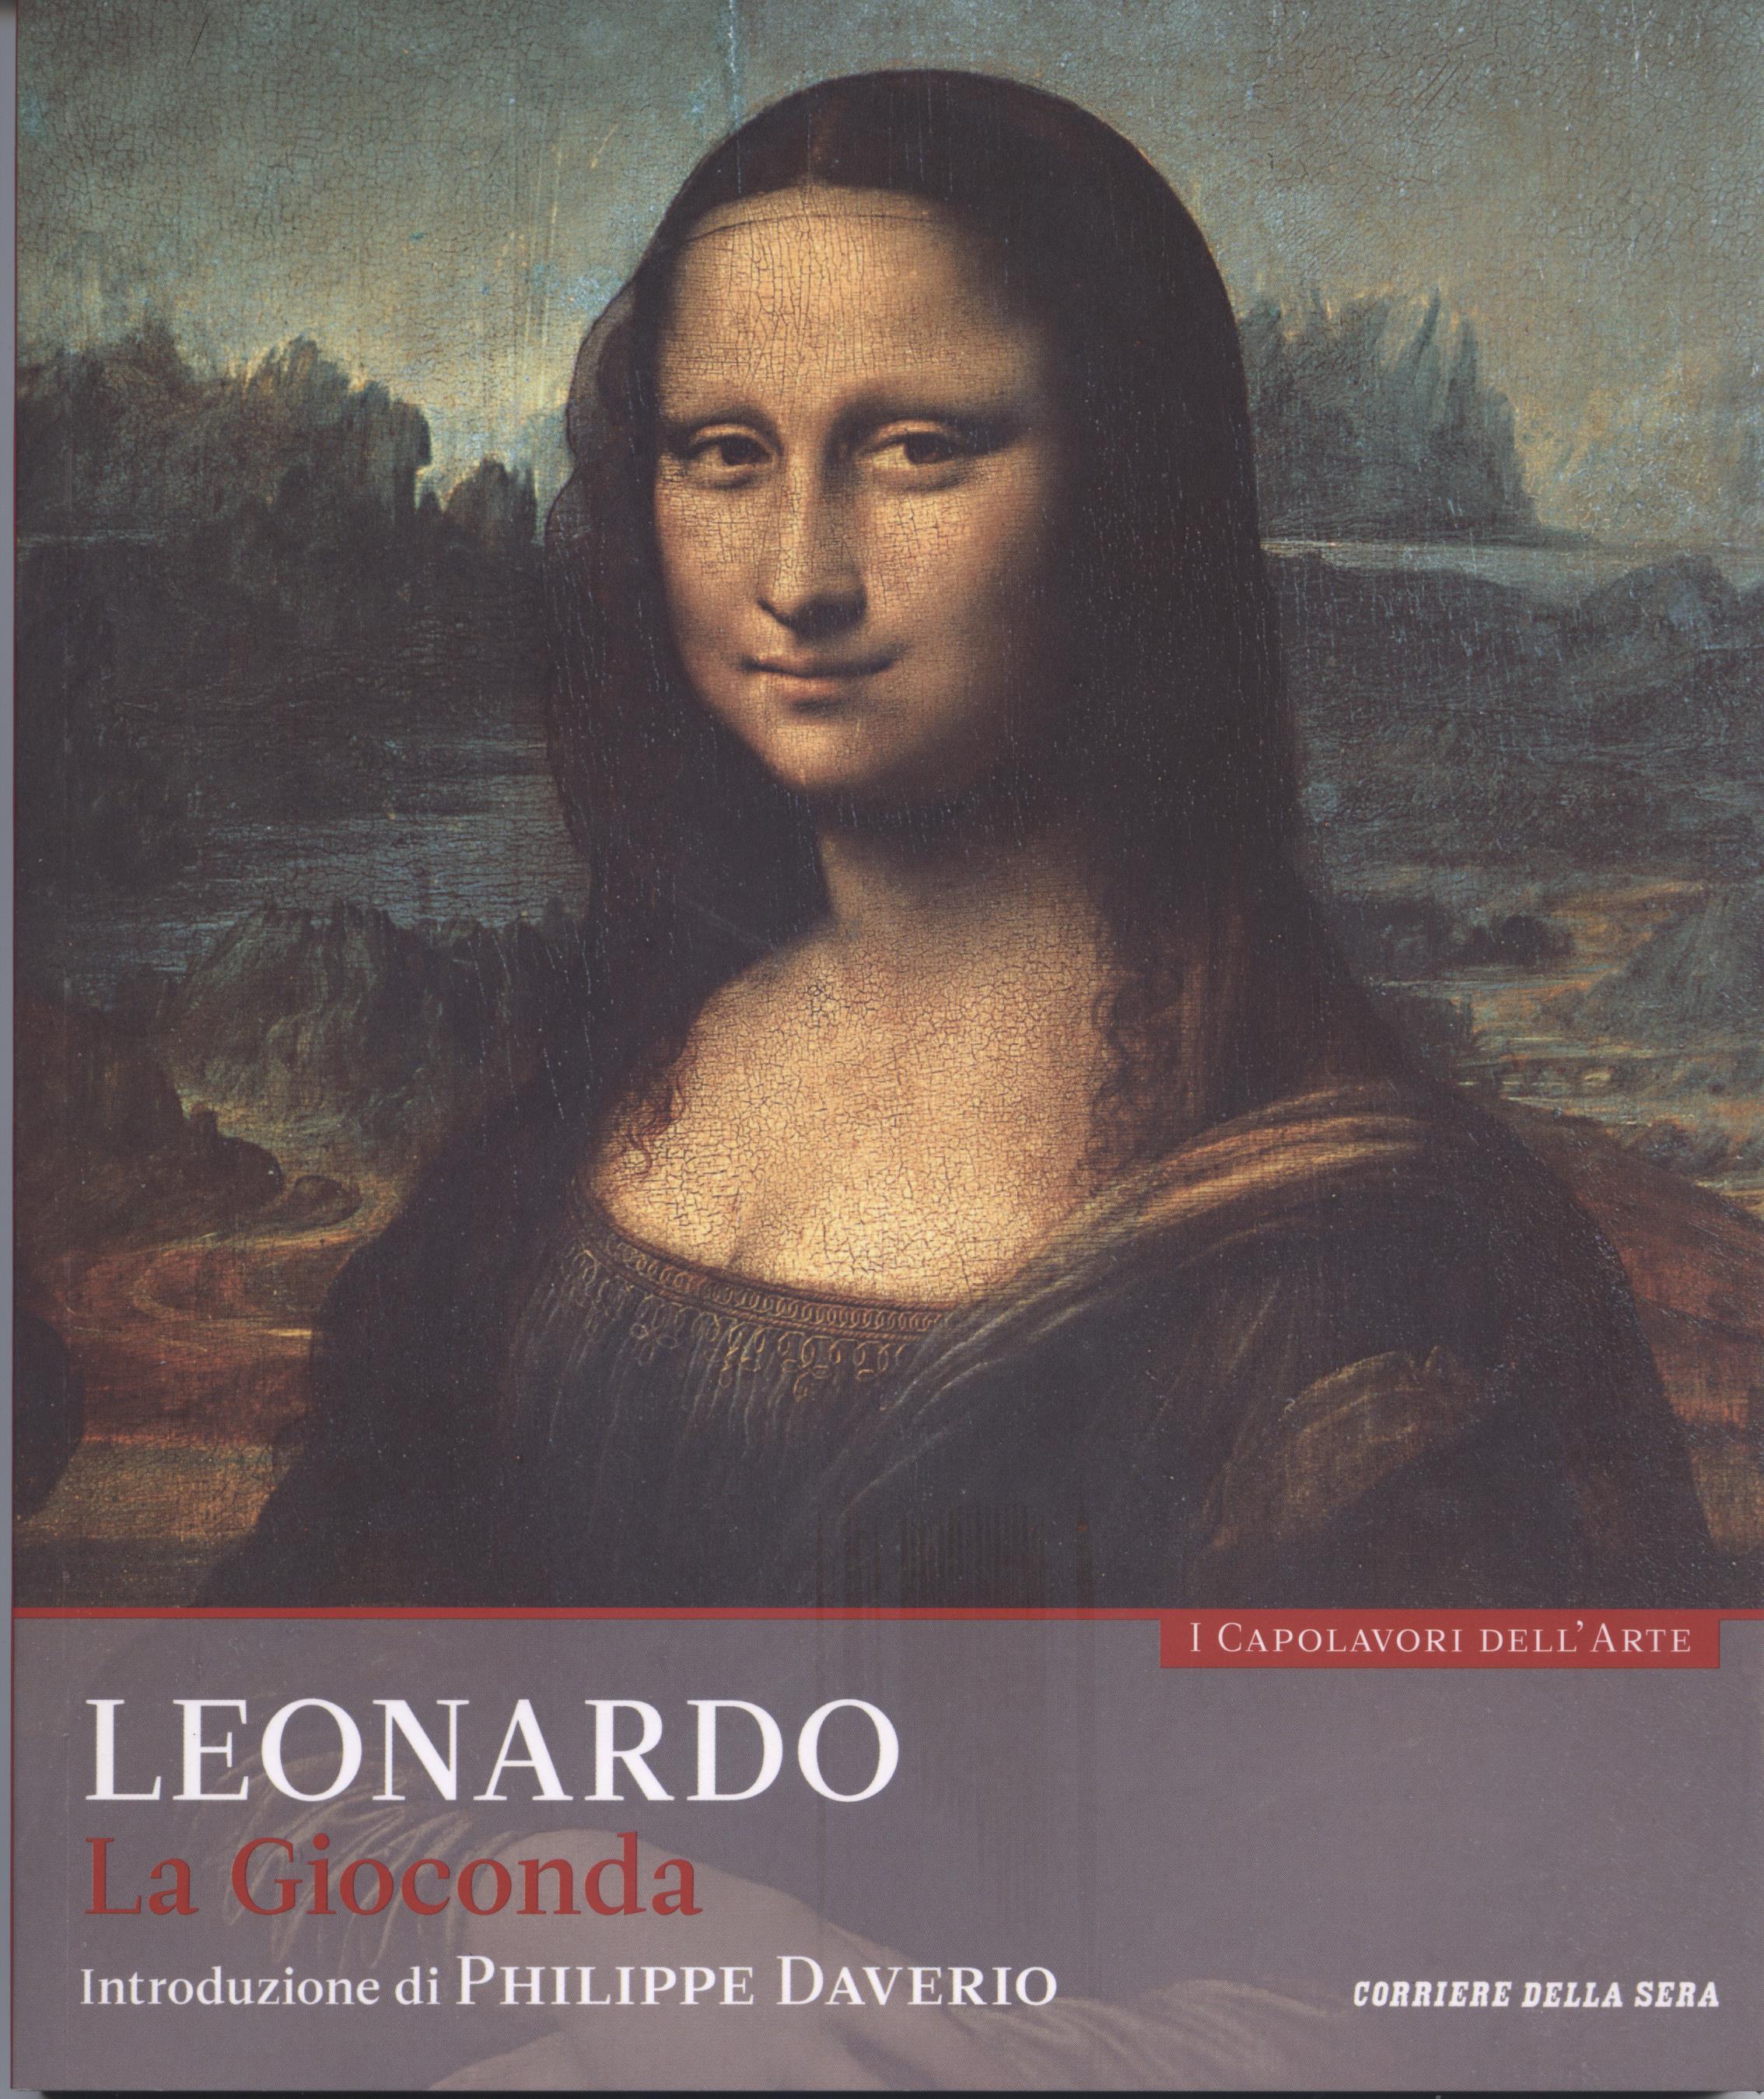 La Gioconda. Leonardo. Collana: I capolavori dell'arte, n. 10